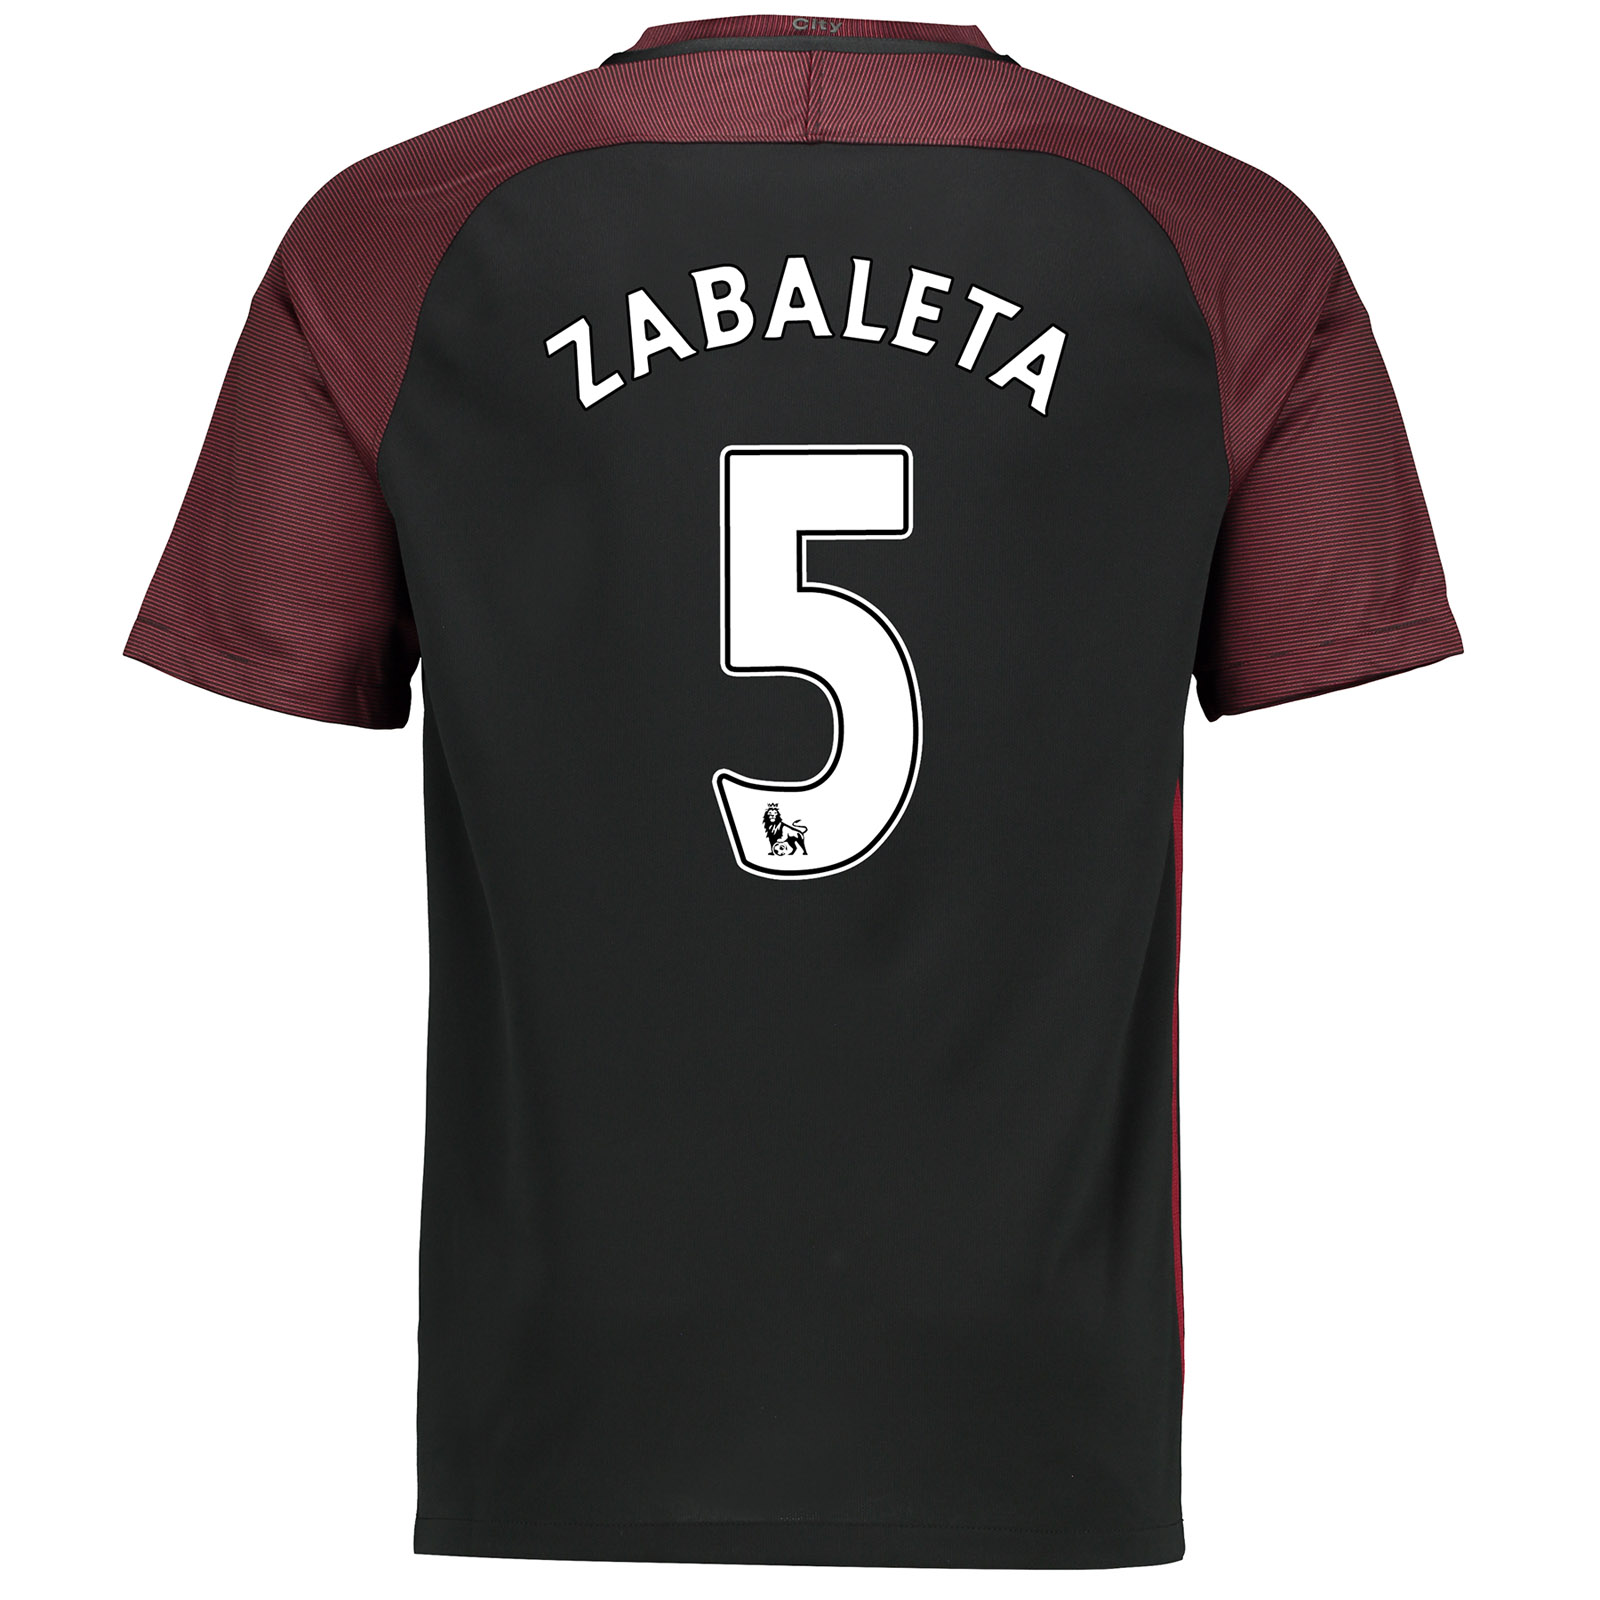 Manchester City Away Stadium Shirt 2016-17-Kids with Zabaleta 5 printi